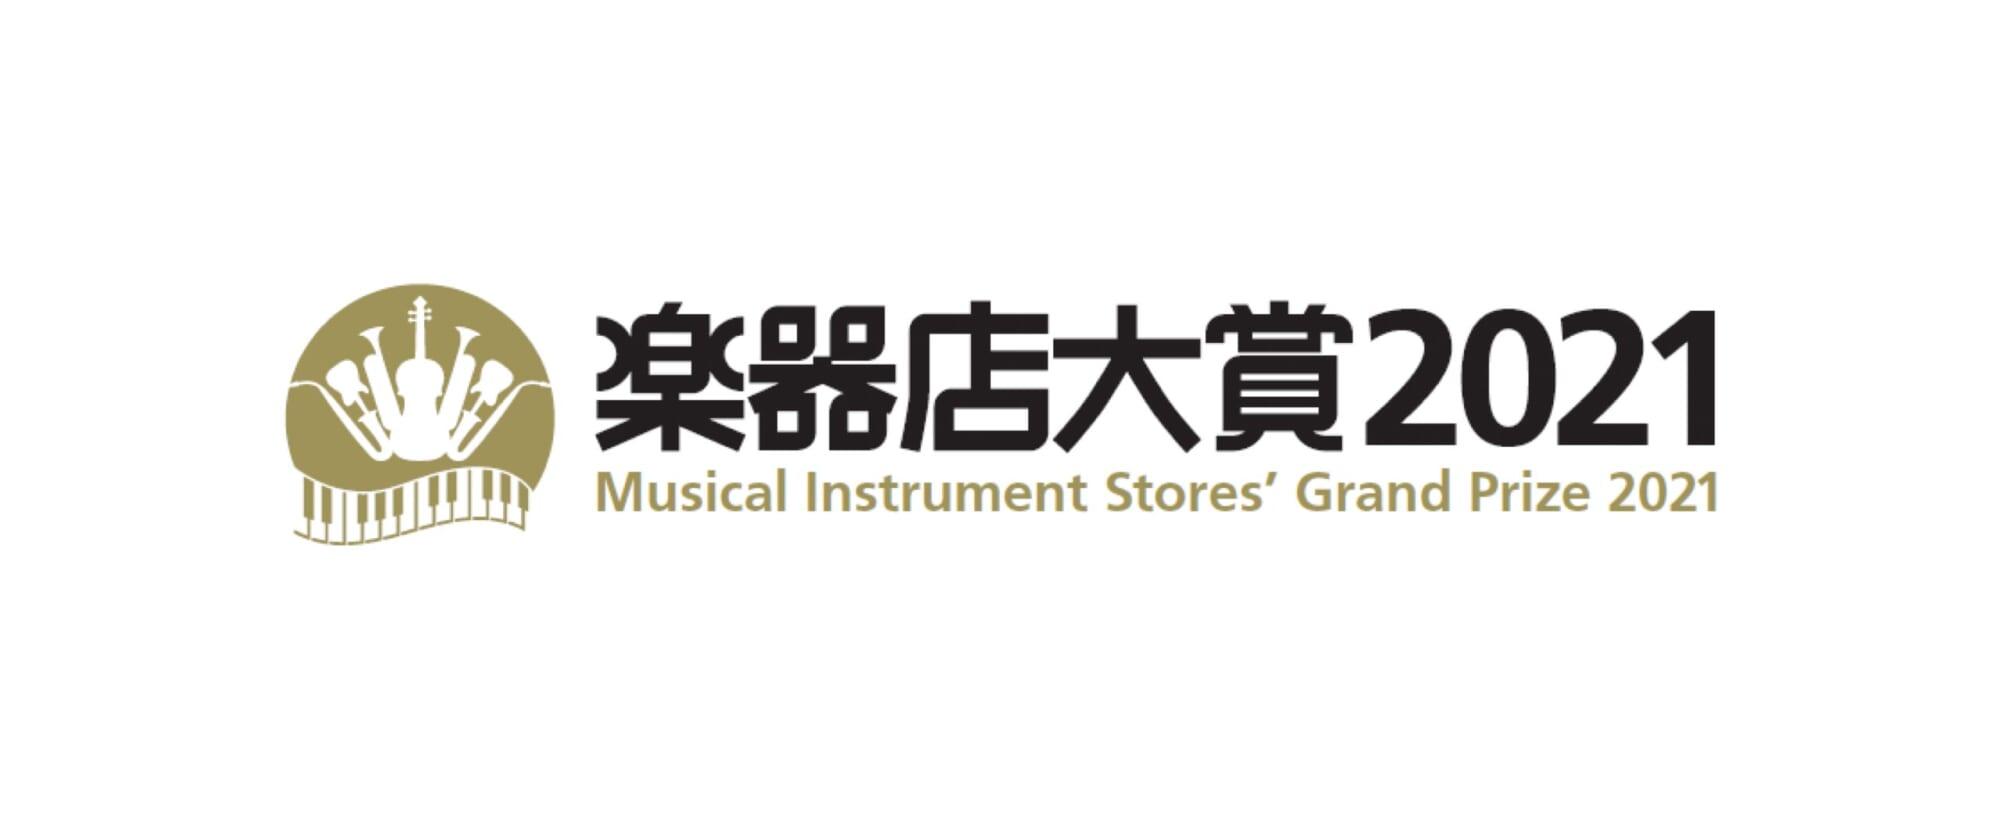 『楽器店大賞2021』プレイヤー部門の一般投票がスタート投票者には抽選でプレゼントも